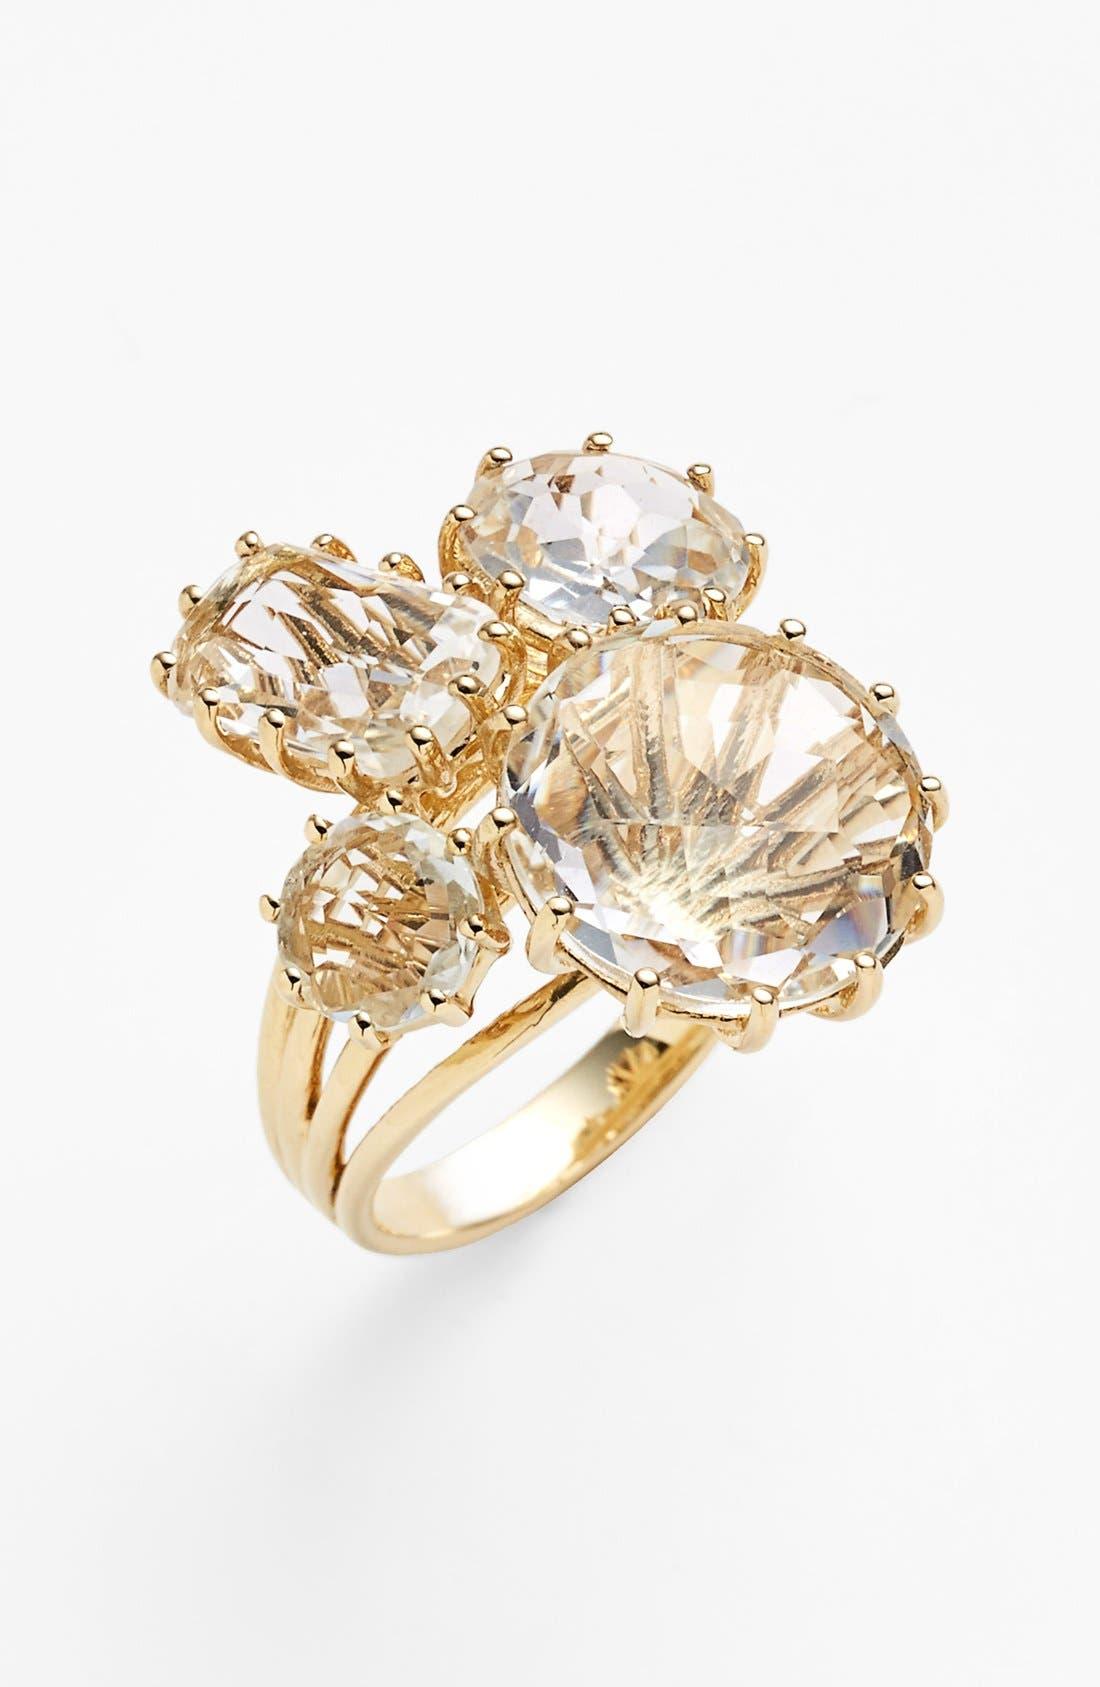 Main Image - KALAN by Suzanne Kalan Stone Cluster Ring